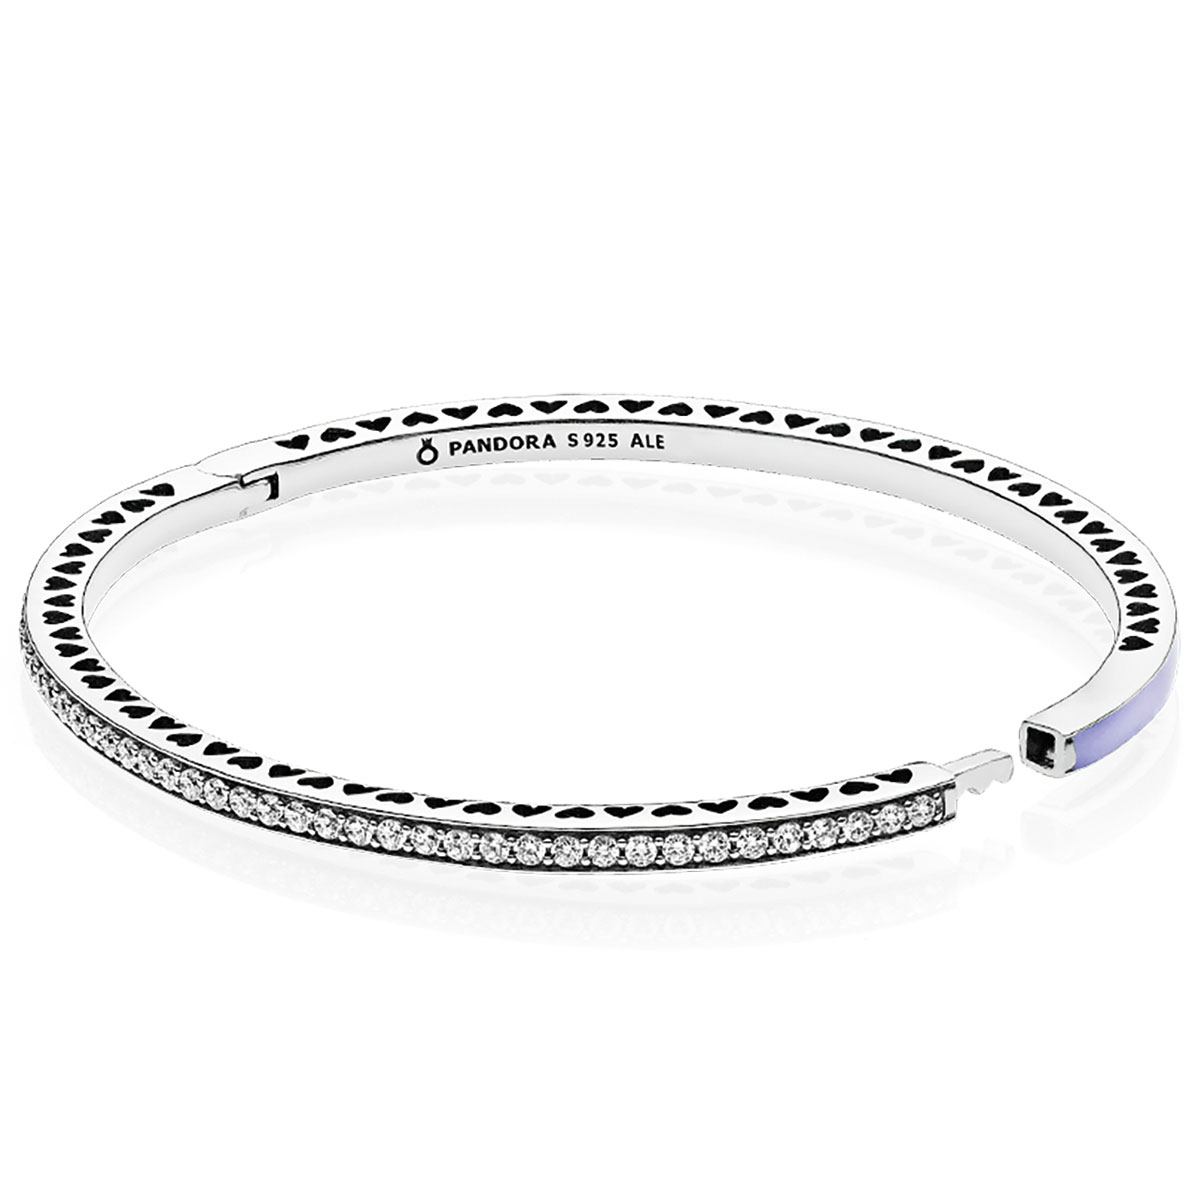 1dbb6926d pandora bracelet s925 ale